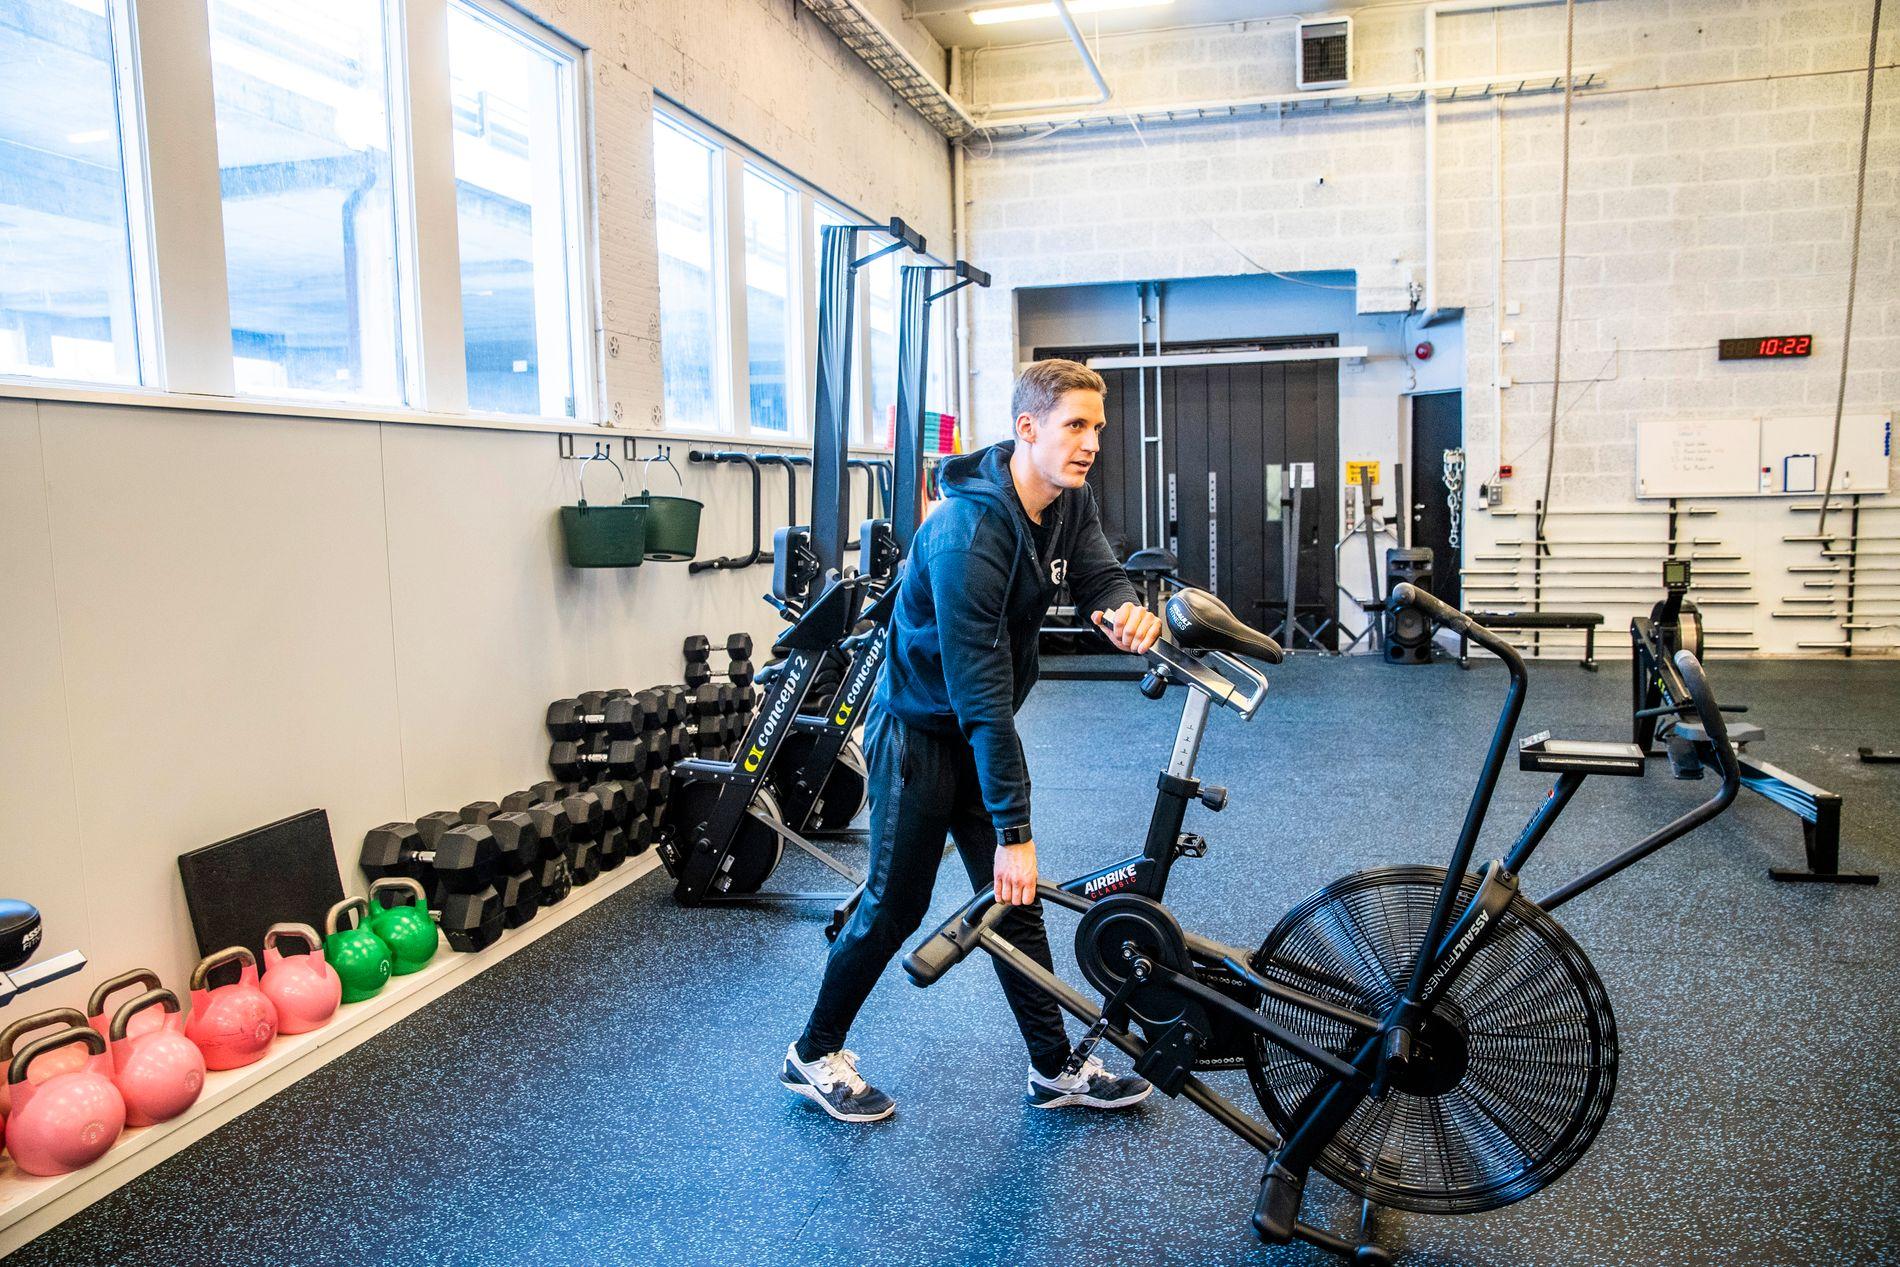 EIER TRENINGSSENTER: Ett av lånene var tatt opp i Mathias' nystartede firma. Her gjør han klar til en crossfit-time på treningssenteret han eier med to andre.